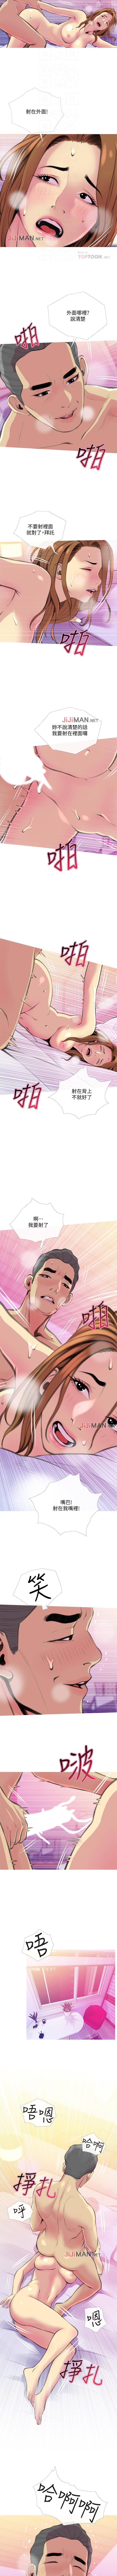 【周五连载】主妇危机(作者:查爾斯&漢水) 第1~26话 110